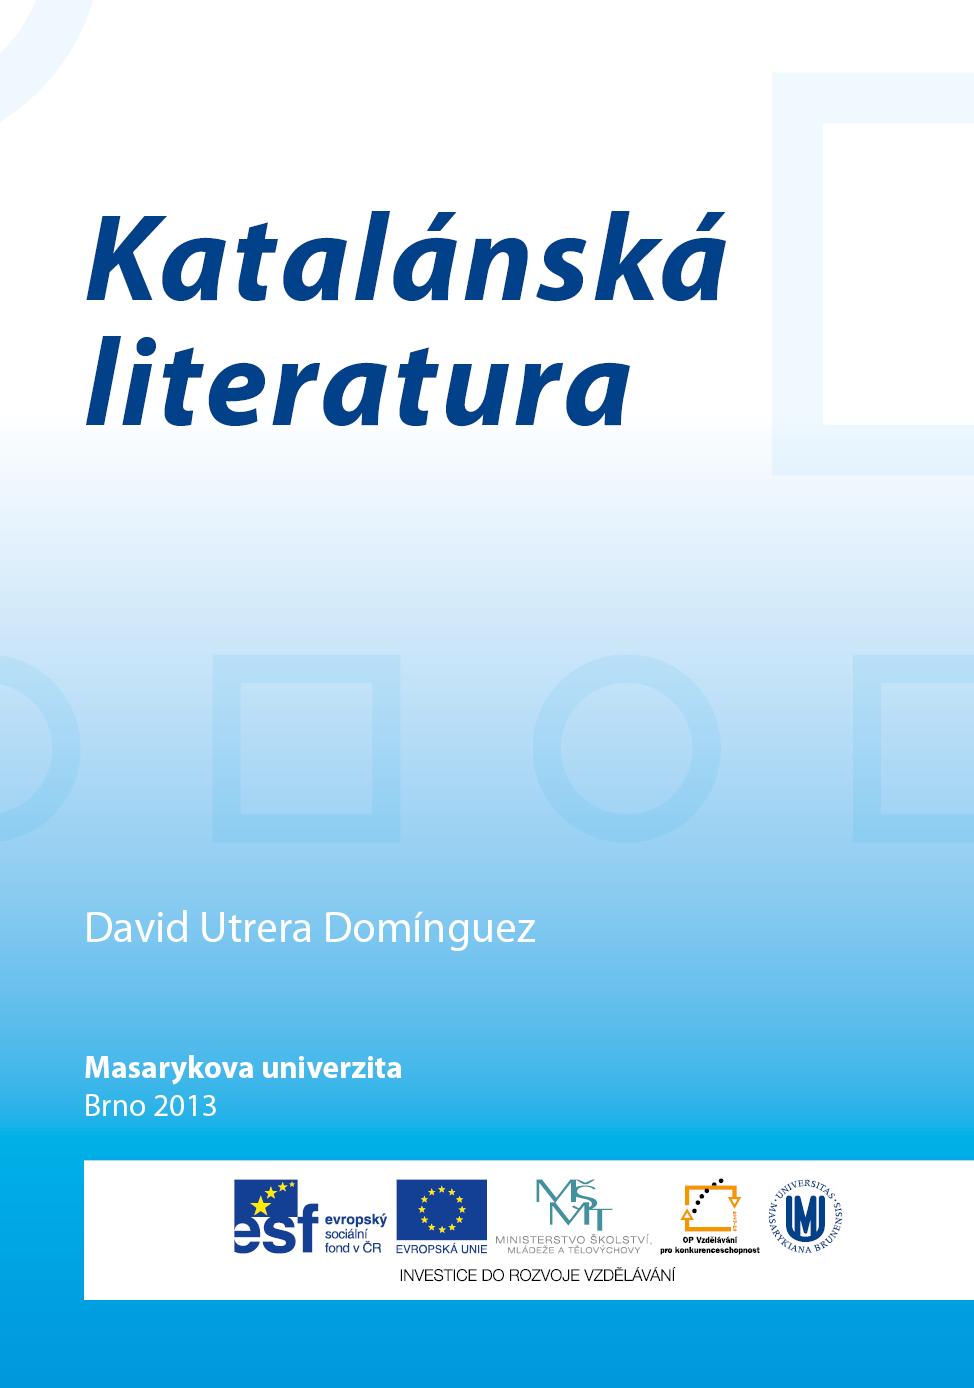 katalanska literatura